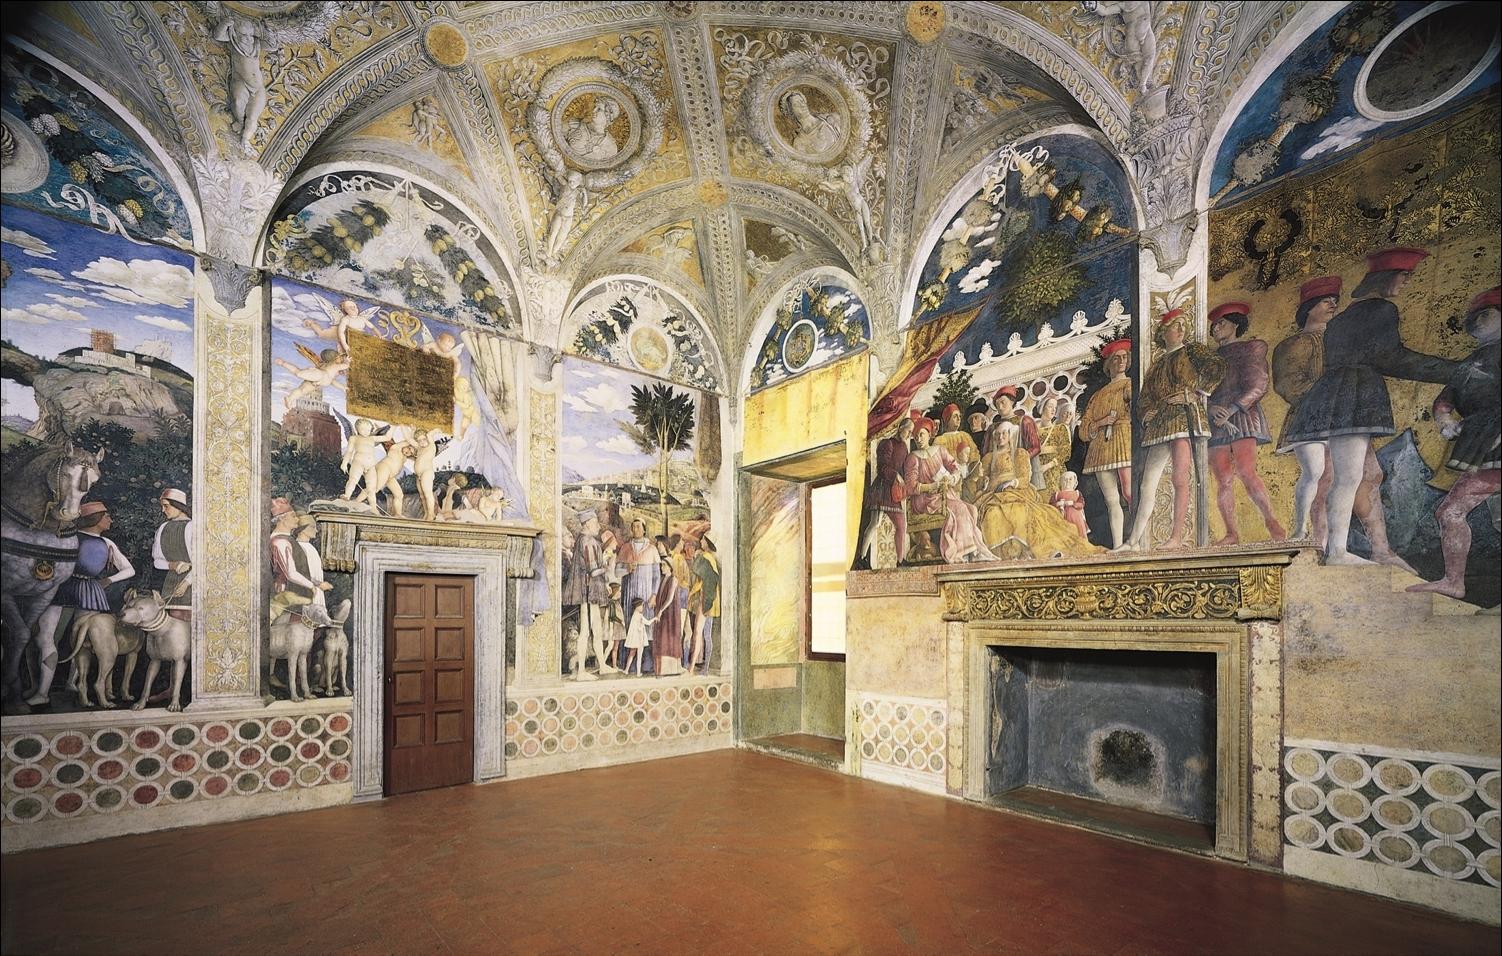 Andrea mantegna la camera degli sposi 1465 1474 art for Palazzo ducale mantova camera degli sposi